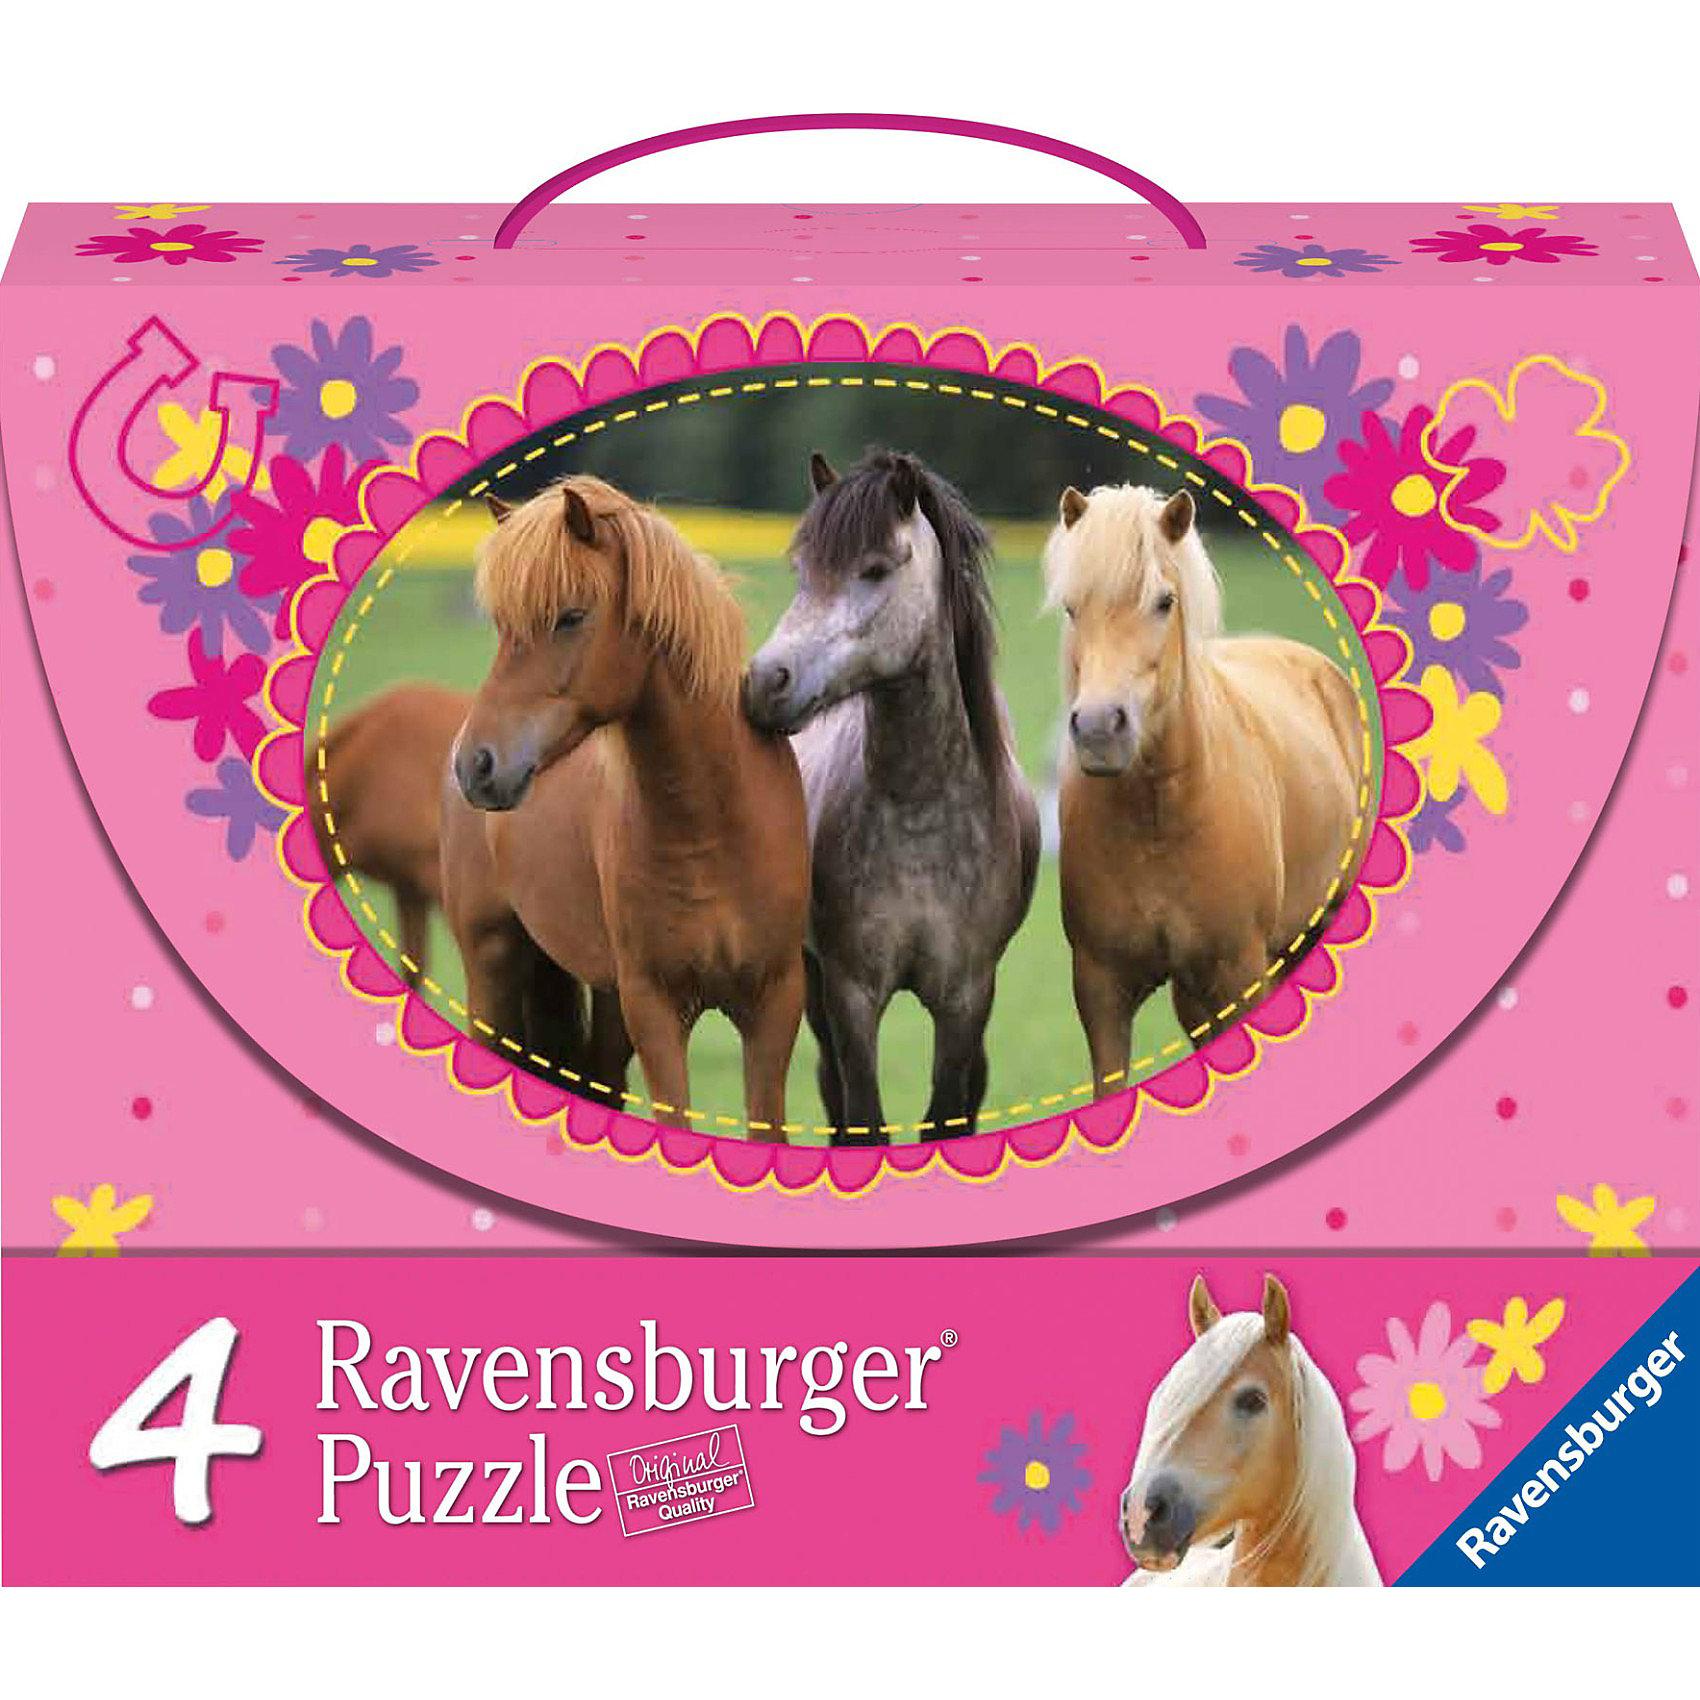 Набор пазлов «Красивые лошади» 2х64 и 2х81 деталей, RavensburgerКлассические пазлы<br>Из деталей Набора пазлов «Красивые лошади» 2х64 и 2х81 деталей, Ravensburger (Равенсбургер) Вы и Ваш ребенок соберете 4 ярких изображения лошадей и жеребят на лоне природы. Все детали пазлов надежно скрепляются между собой, чтобы после завершения сборки пазлы могли стать прекрасным украшением интерьера. <br><br>Характеристики:<br>-Элементы идеально соединяются друг с другом, не отслаиваются с течением времени<br>-Высочайшее качество картона и полиграфии <br>-Матовая поверхность исключает отблески<br>-Развивает: память, мышление, внимательность, усидчивость, мелкая моторика, восприятие форм и цветов<br>-Занимательное времяпрепровождение для всей семьи<br>-Для сохранения в собранном виде можно использовать скотч или специальный клей для пазлов (в комплект не входит)<br><br>Дополнительная информация:<br>-Материал: плотный картон, бумага<br>-Размер каждого собранного пазла: 23х23 см<br>-Размер упаковки: 23х29х8 см <br>-Вес упаковки: 0,7 кг<br><br>Для детей собирание пазлов – это интересная и полезная игра, а для взрослых — прекрасная возможность провести время вместе со своими детьми!<br><br>Набор пазлов «Красивые лошади» 2х64 и 2х81 деталей, Ravensburger (Равенсбургер) можно купить в нашем магазине.<br><br>Ширина мм: 300<br>Глубина мм: 230<br>Высота мм: 86<br>Вес г: 468<br>Возраст от месяцев: 60<br>Возраст до месяцев: 108<br>Пол: Женский<br>Возраст: Детский<br>Количество деталей: 64<br>SKU: 2414729